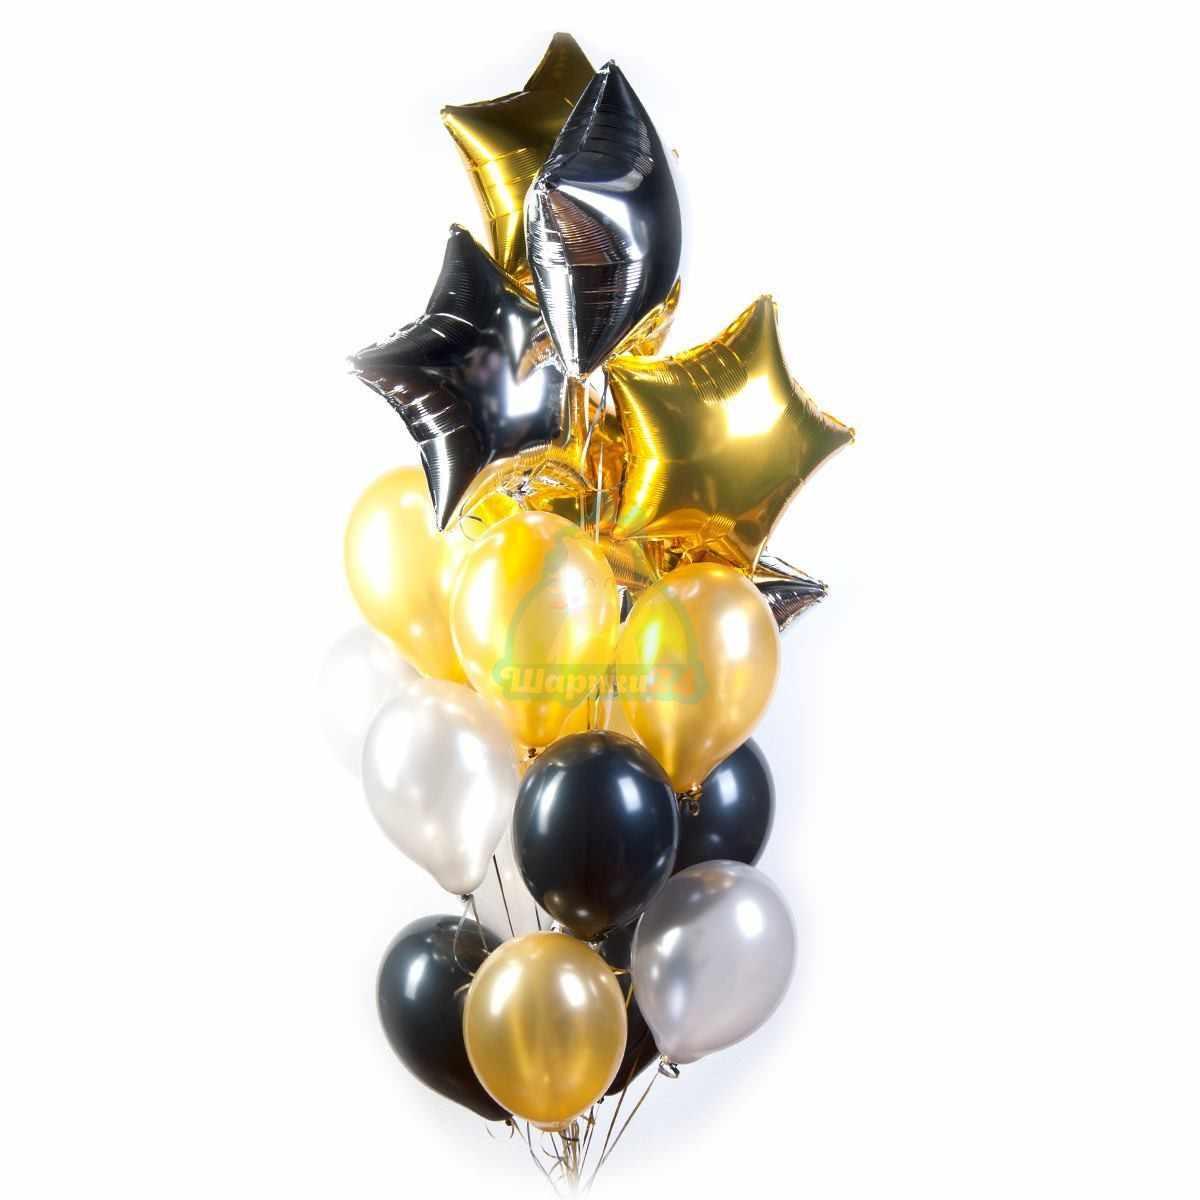 Облако серебряных золотых и черных шариков со звездами фото в интернет-магазине Шарики 24